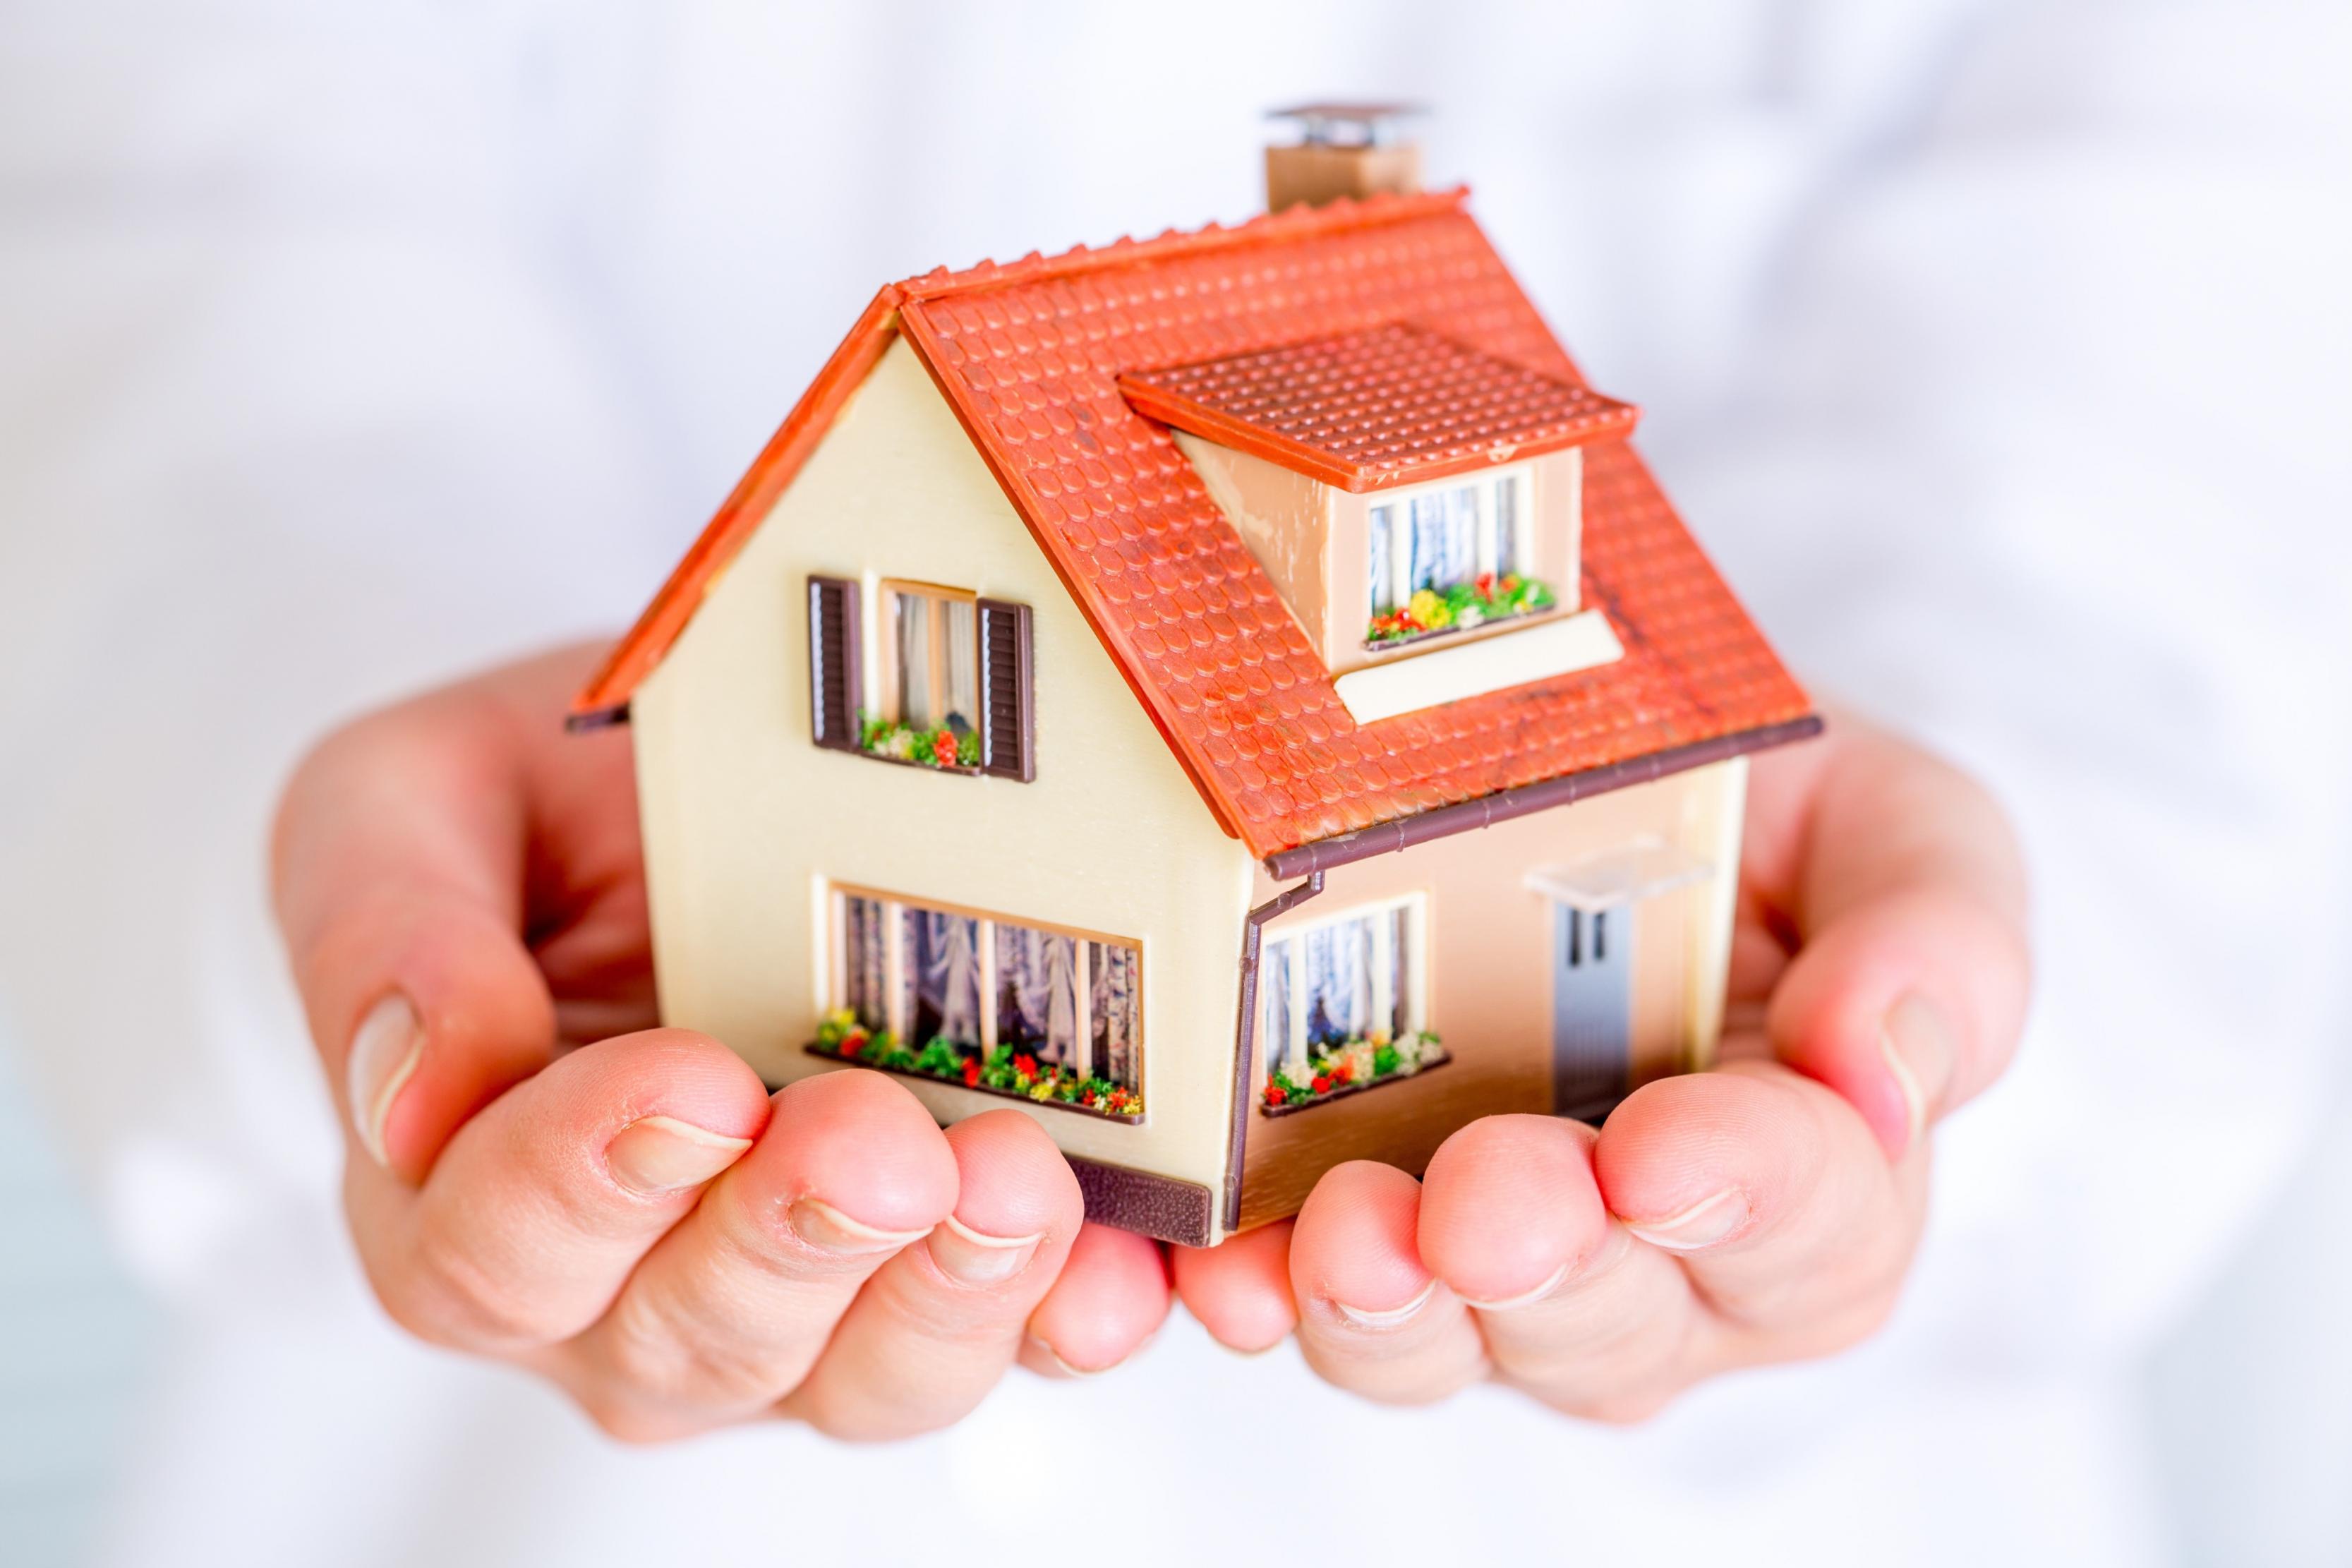 بالصور البيت في المنام , تفسير رؤية البيت فى الحلم 3695 2